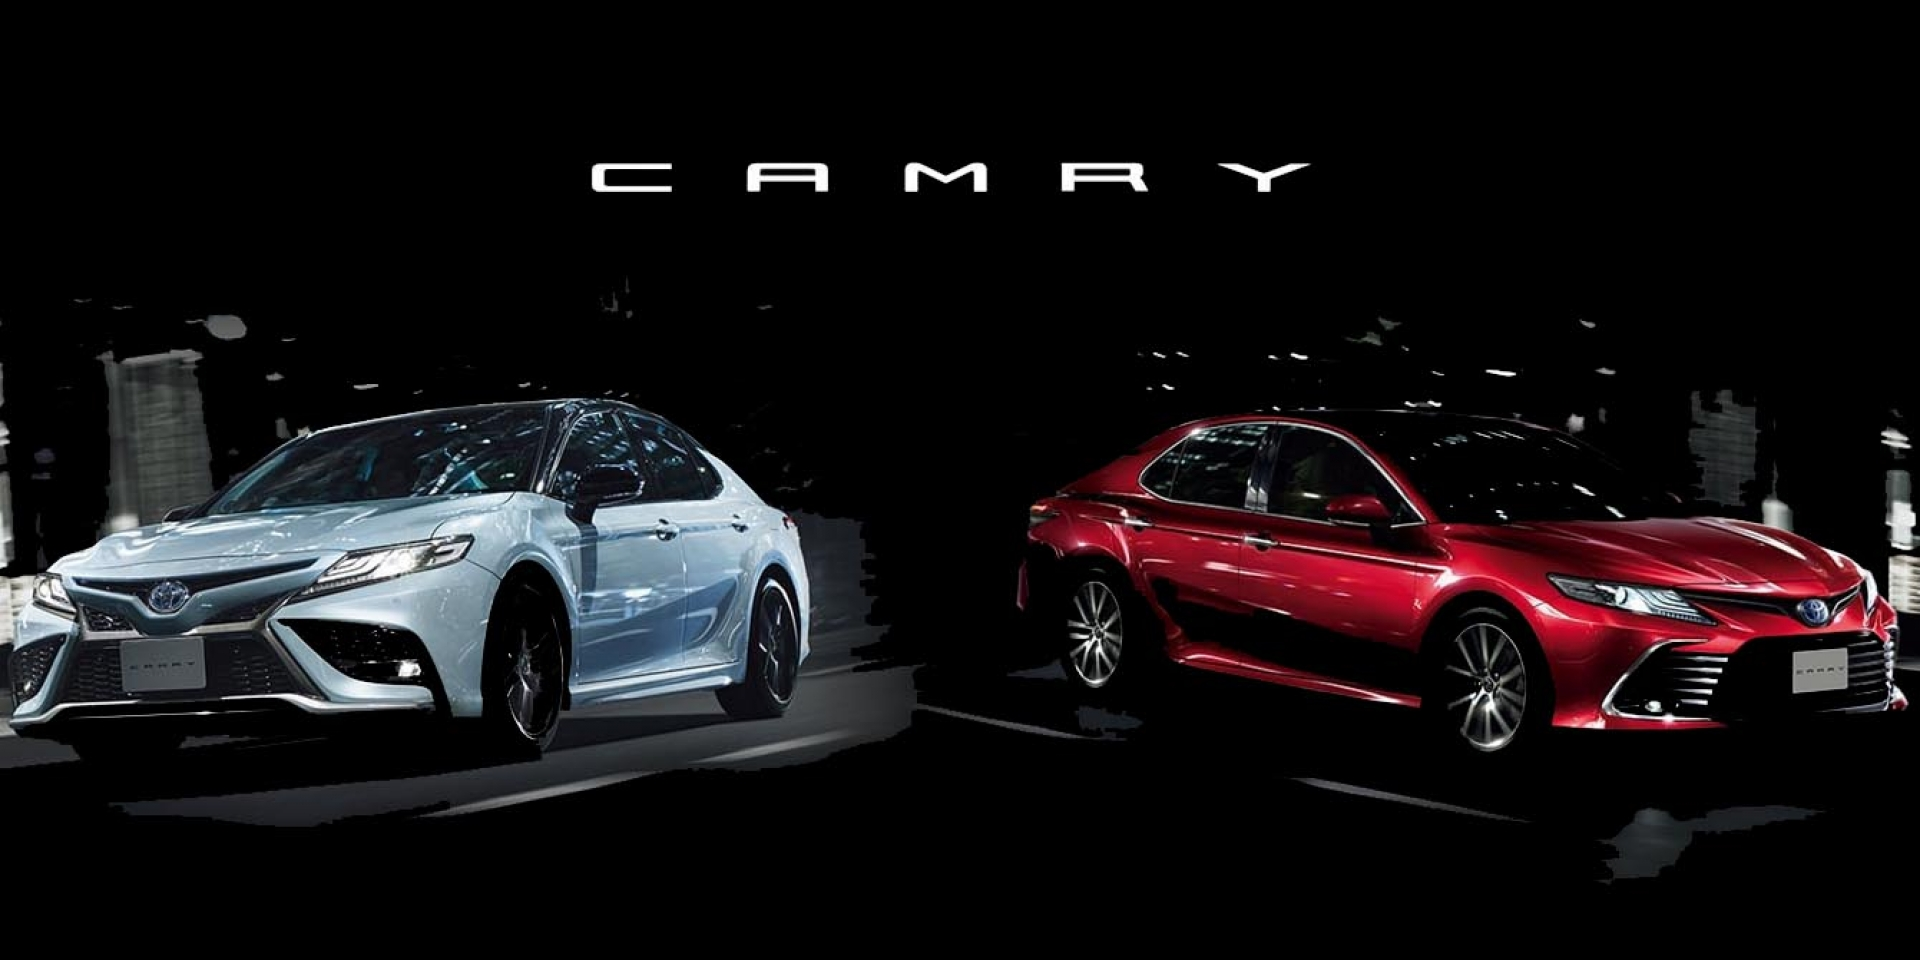 TOYOTA Camry日本小改款發表,年輕、科技迎戰SUV大軍!